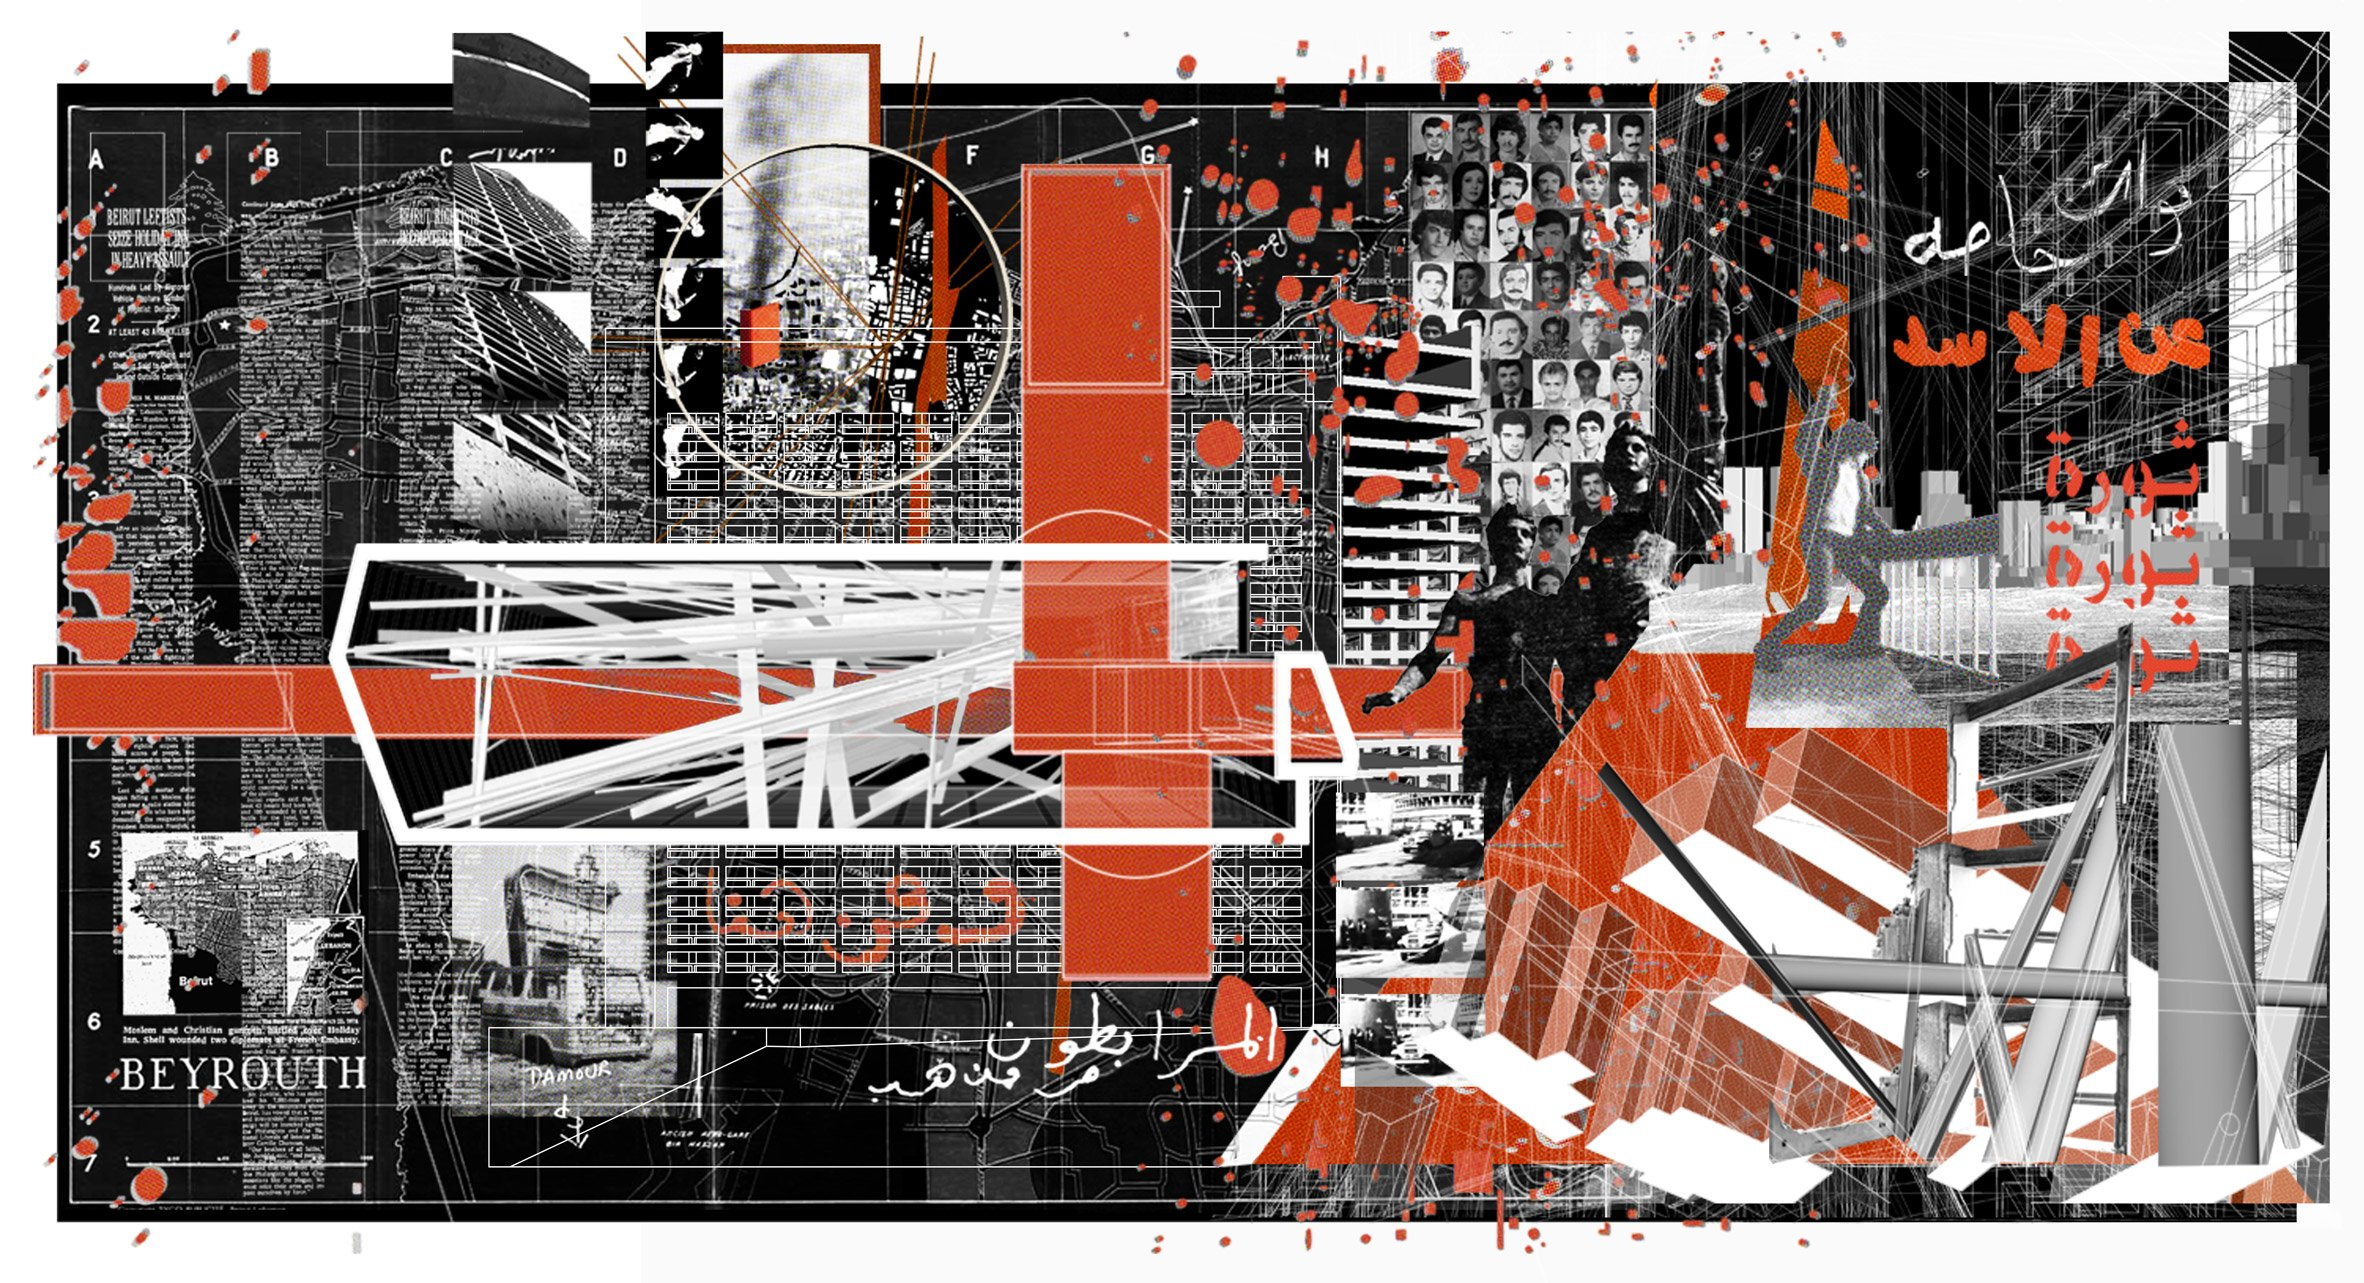 Azrieli School of Architecture and Urbanism